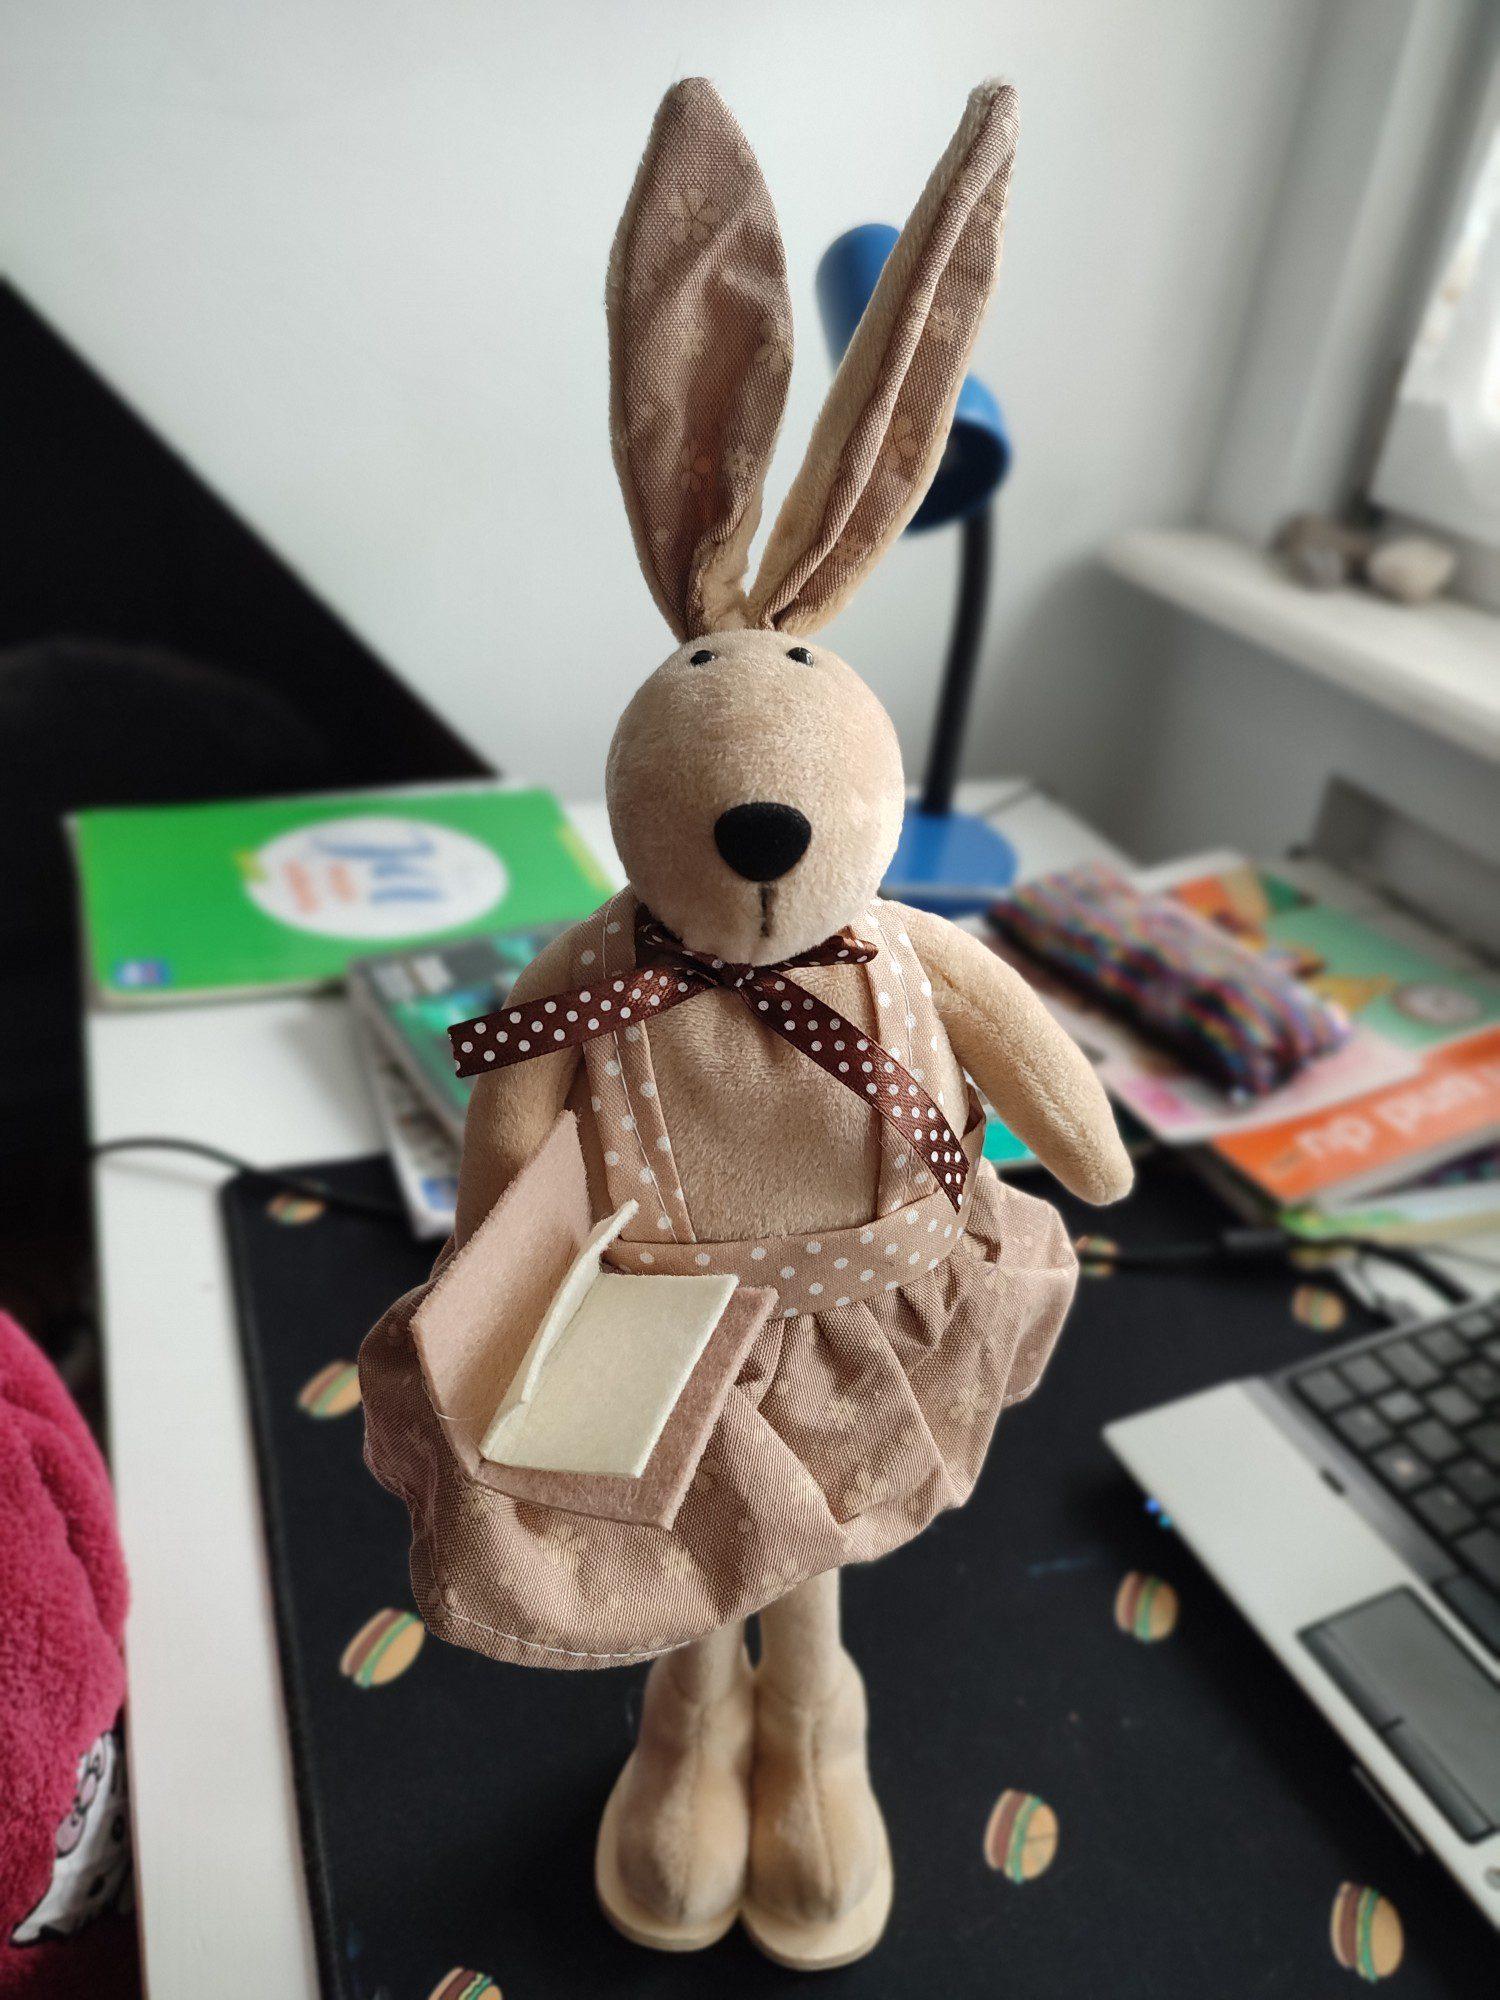 redmi note 10 pro portret pluszowego królika